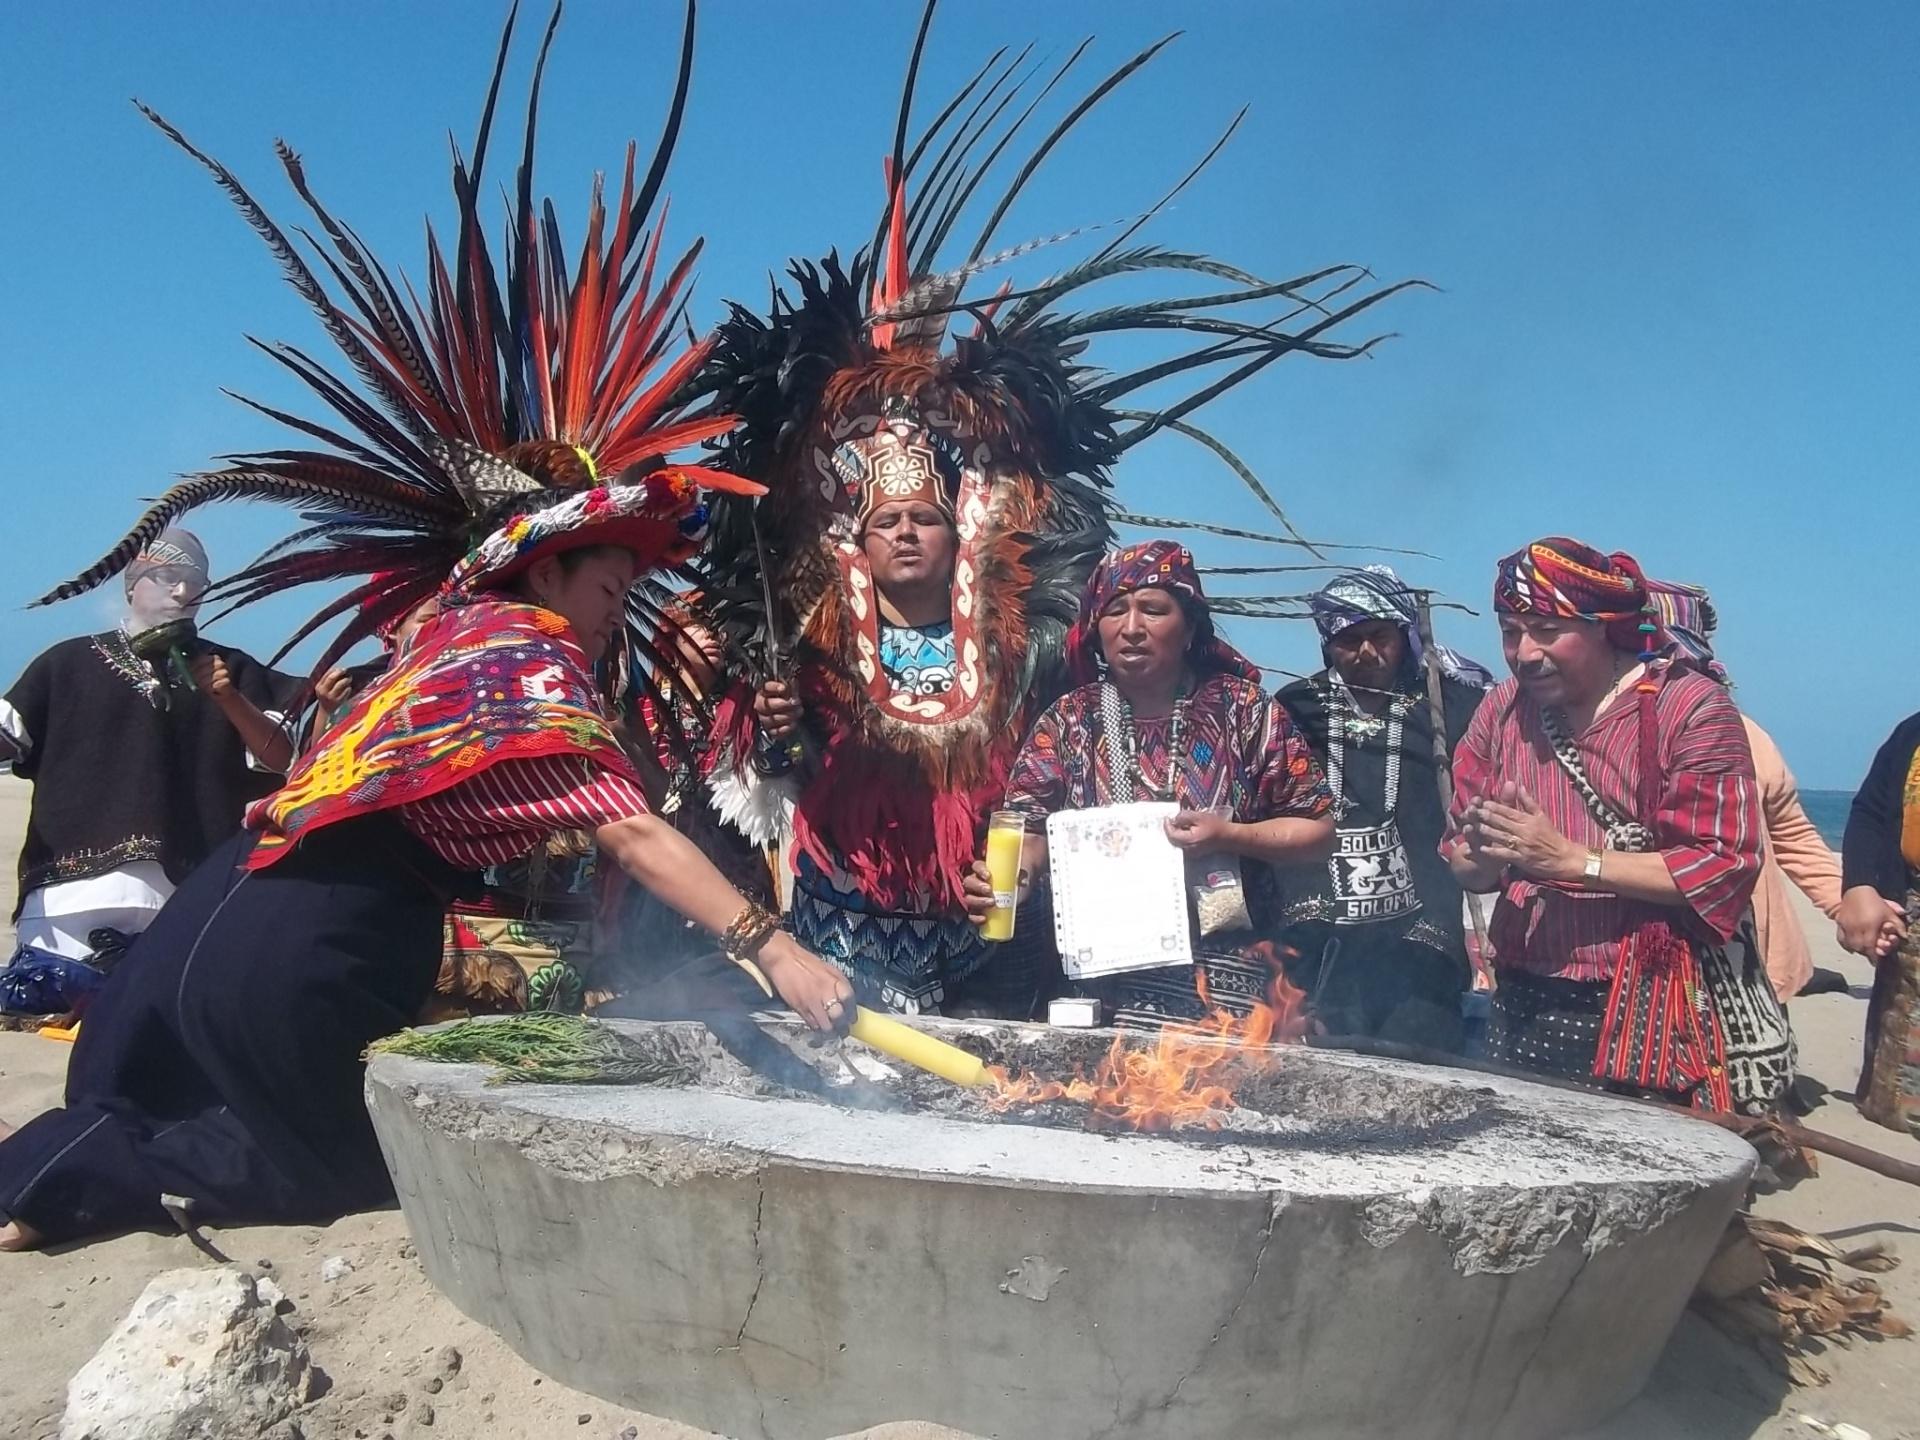 Shirley Ventura encendió el Fuego Sagrado que sería trasladado hasta Oregon, durante una ceremonia maya celebrada el 19 de Mayo de 2013, a orillas del Oceáno Pacífico. Fotografía: La Voz